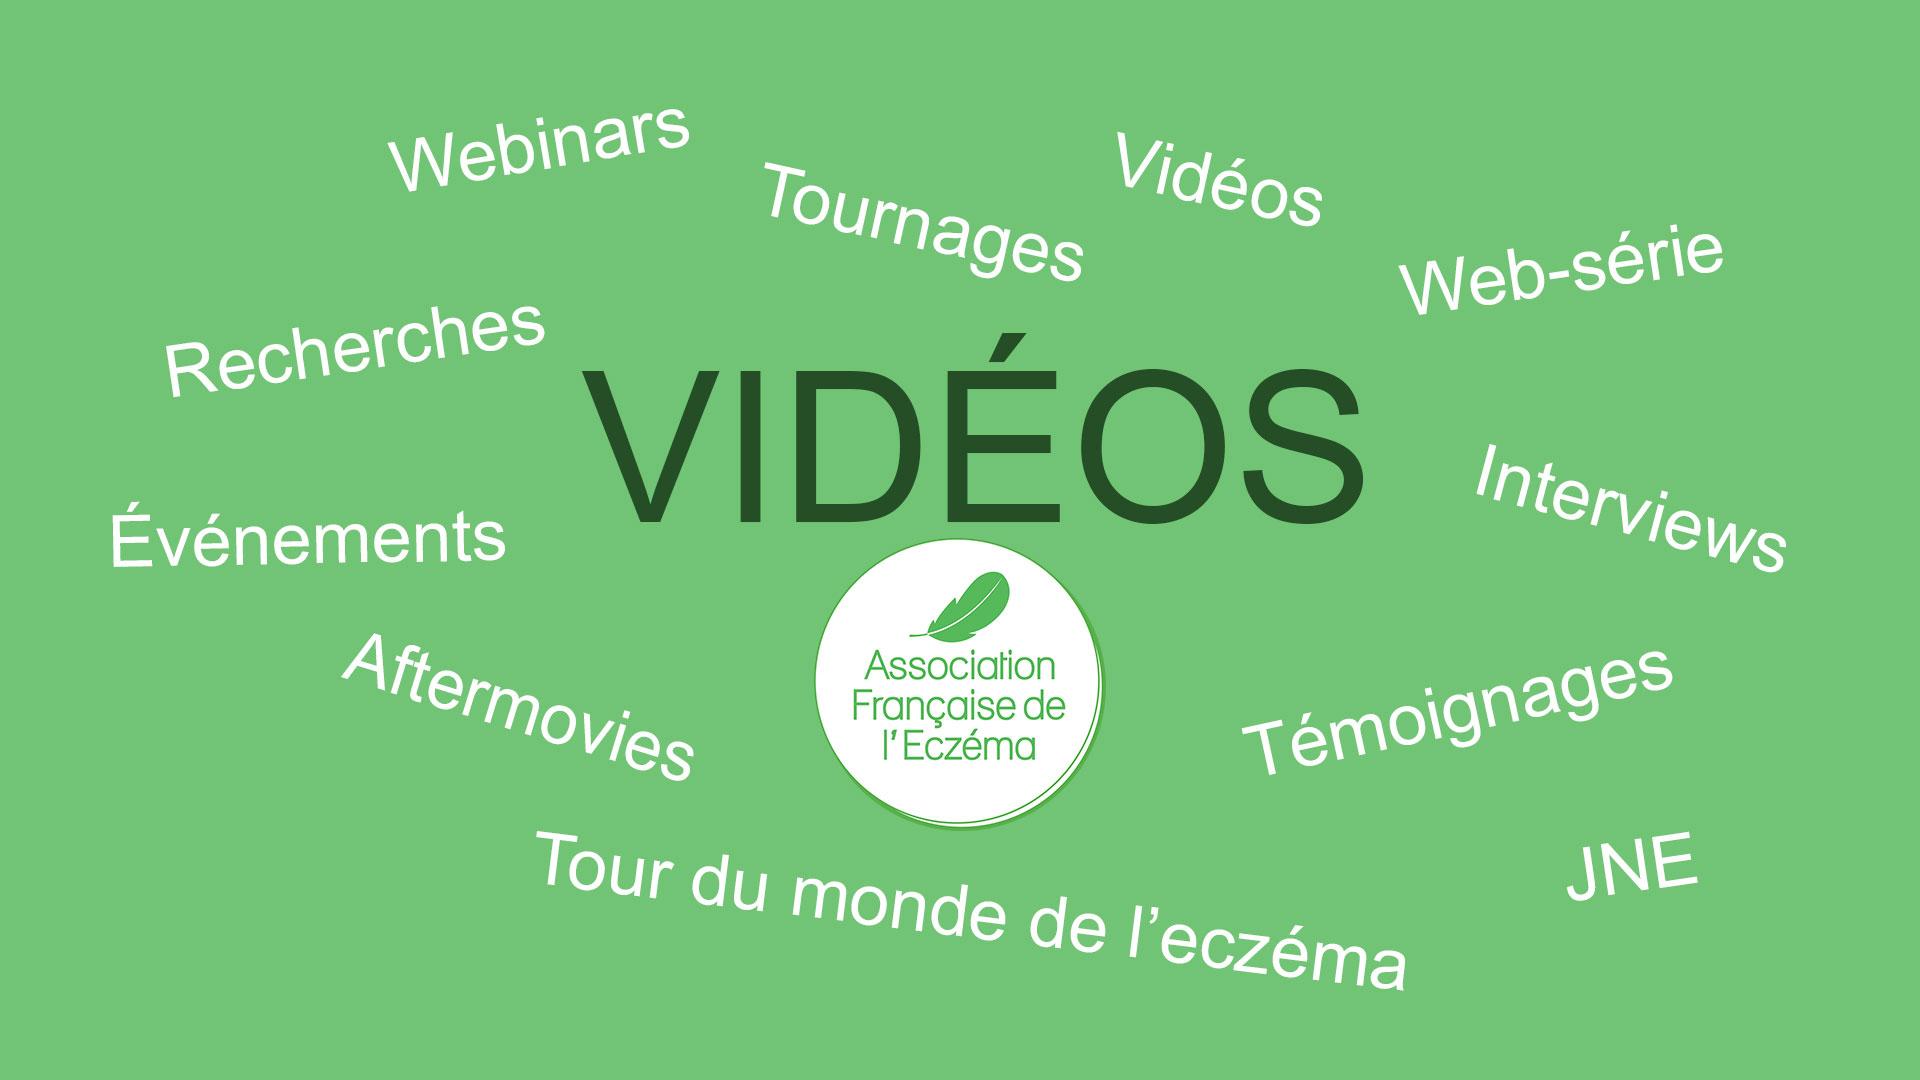 vidéo de l'association française de l'eczéma